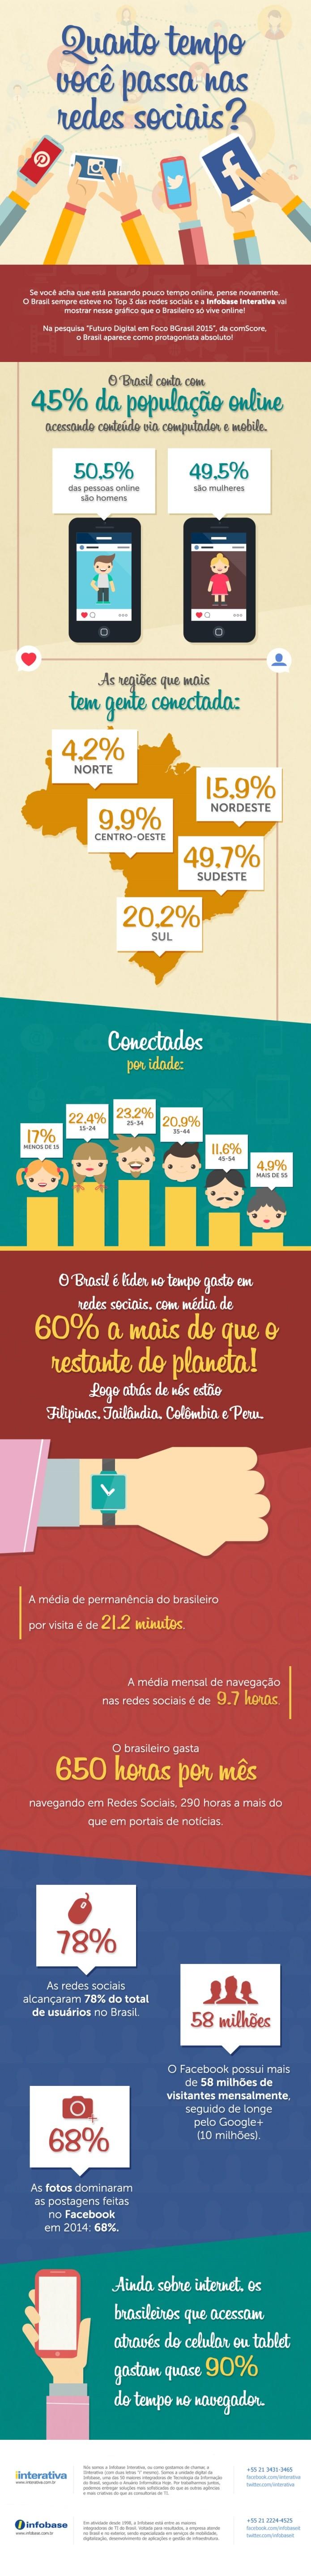 45% dos brasileiro gasta 650 horas em média por mês nas redes sociais (Foto: Reprodução/IInterativa)